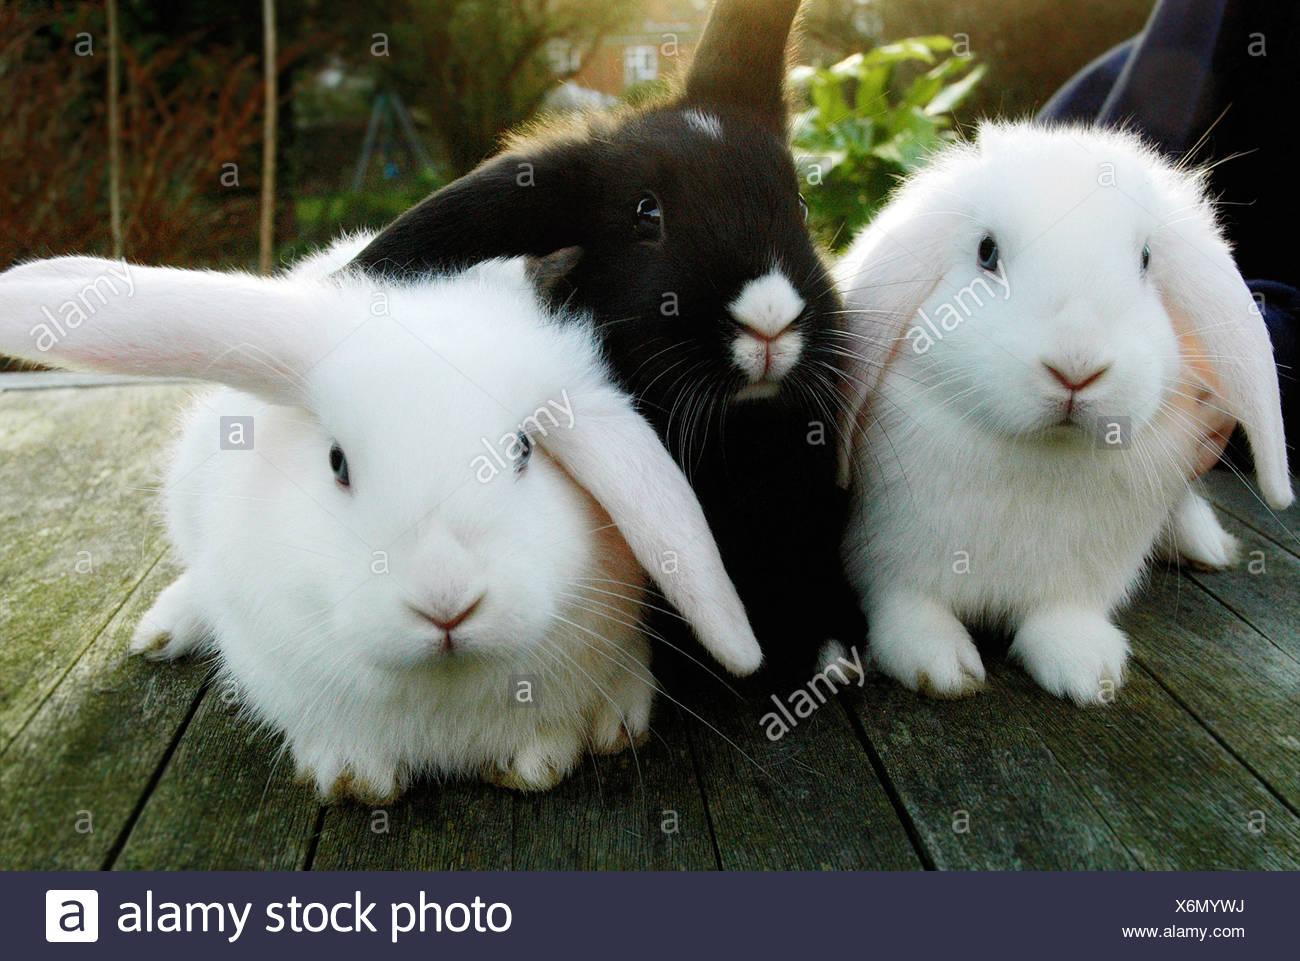 Kaninchen sitzend auf Holzterrasse Stockbild